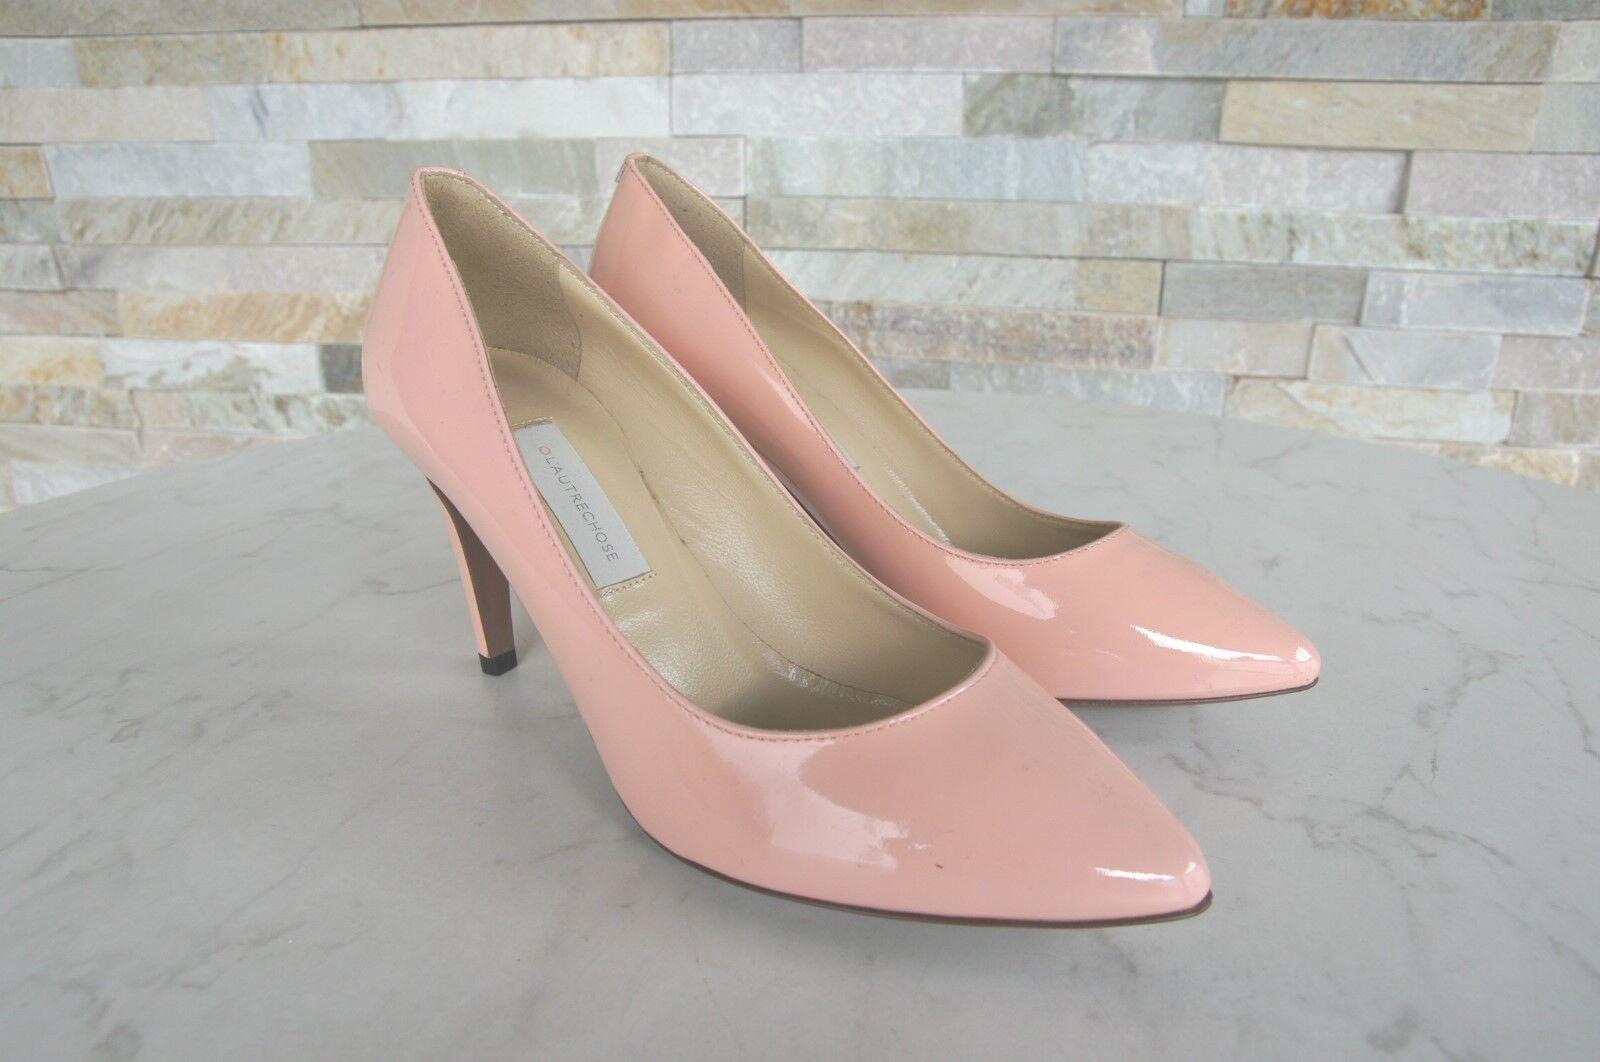 Original L'AUTRE CHOSE 36 Escarpins Vernis Talons Chaussures Rose Rose Rose Neuf e1b877